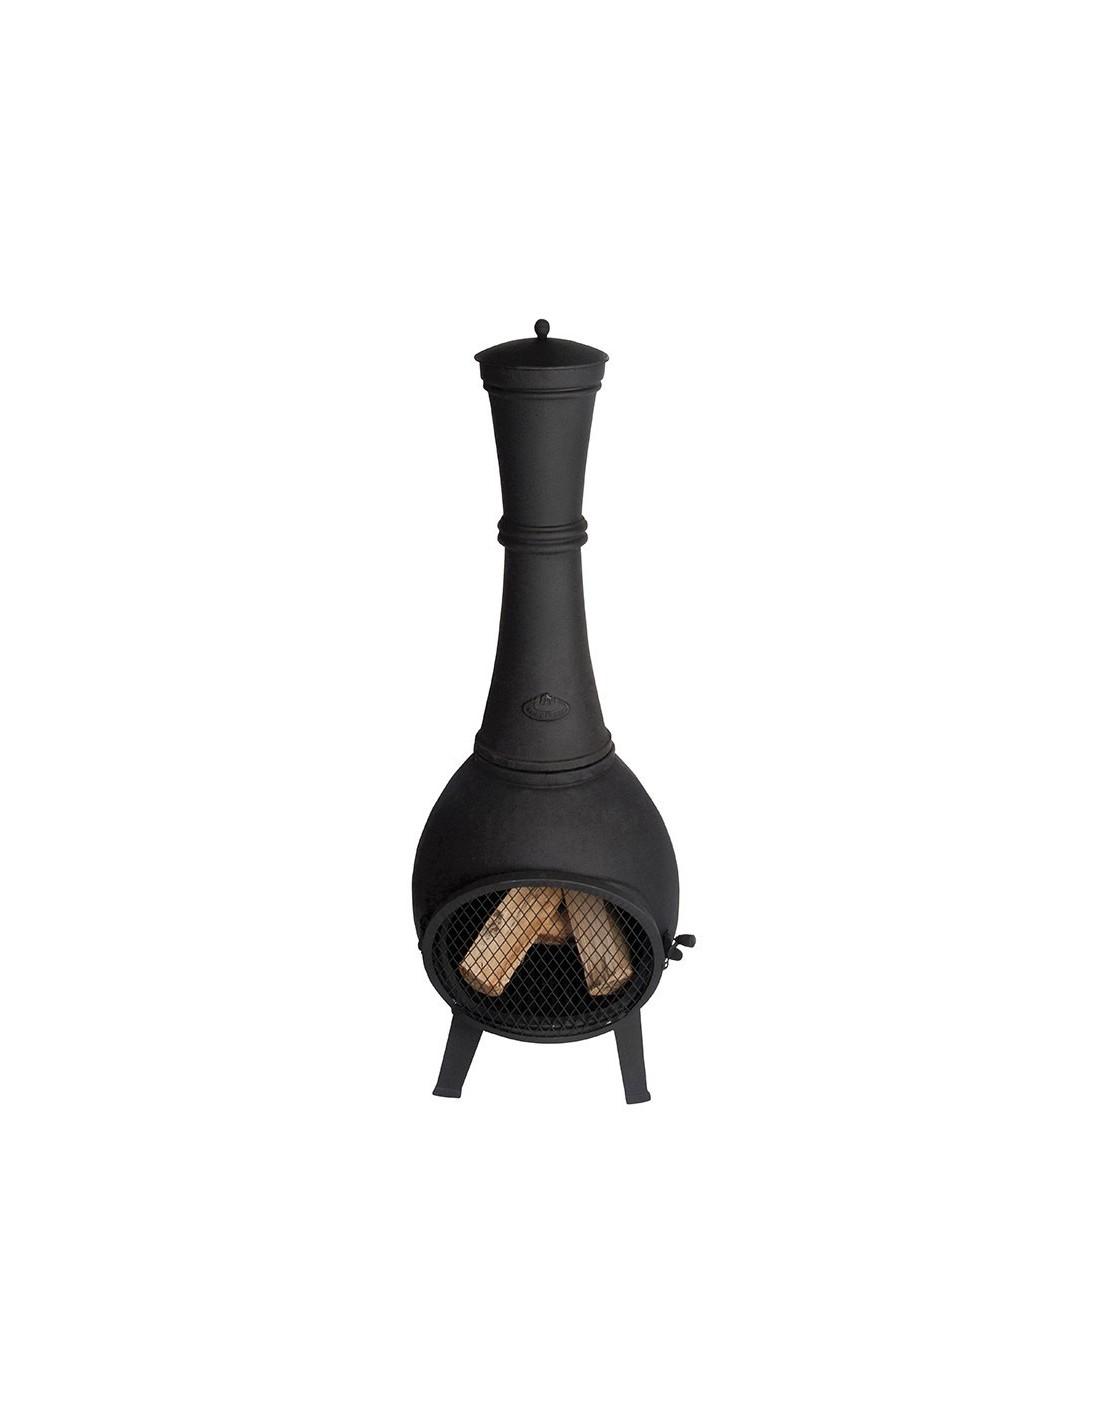 chemin e d 39 ext rieur 122 cm chauffe terrasse porte maille esschert d. Black Bedroom Furniture Sets. Home Design Ideas